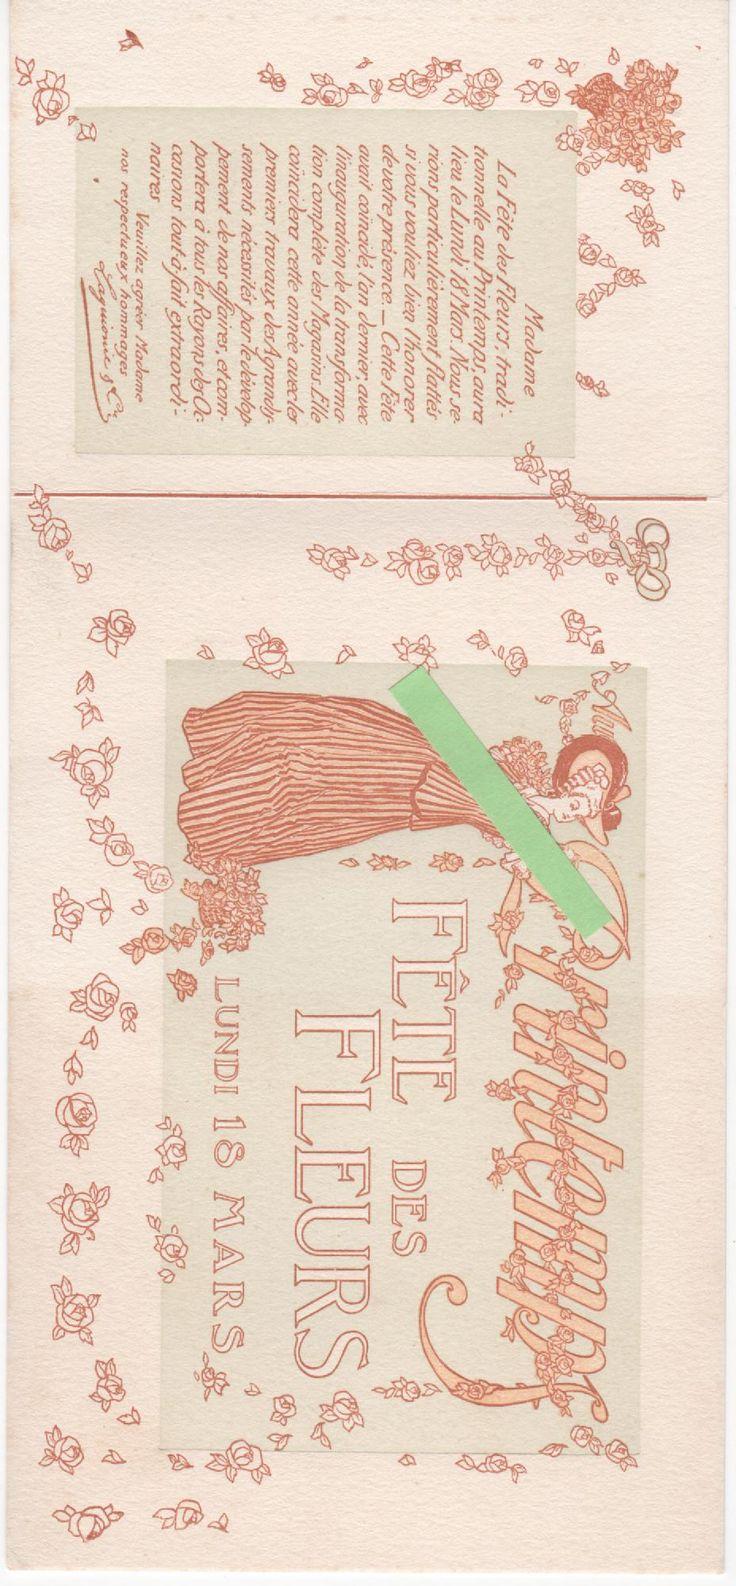 Magasins Printemps Paris 1900